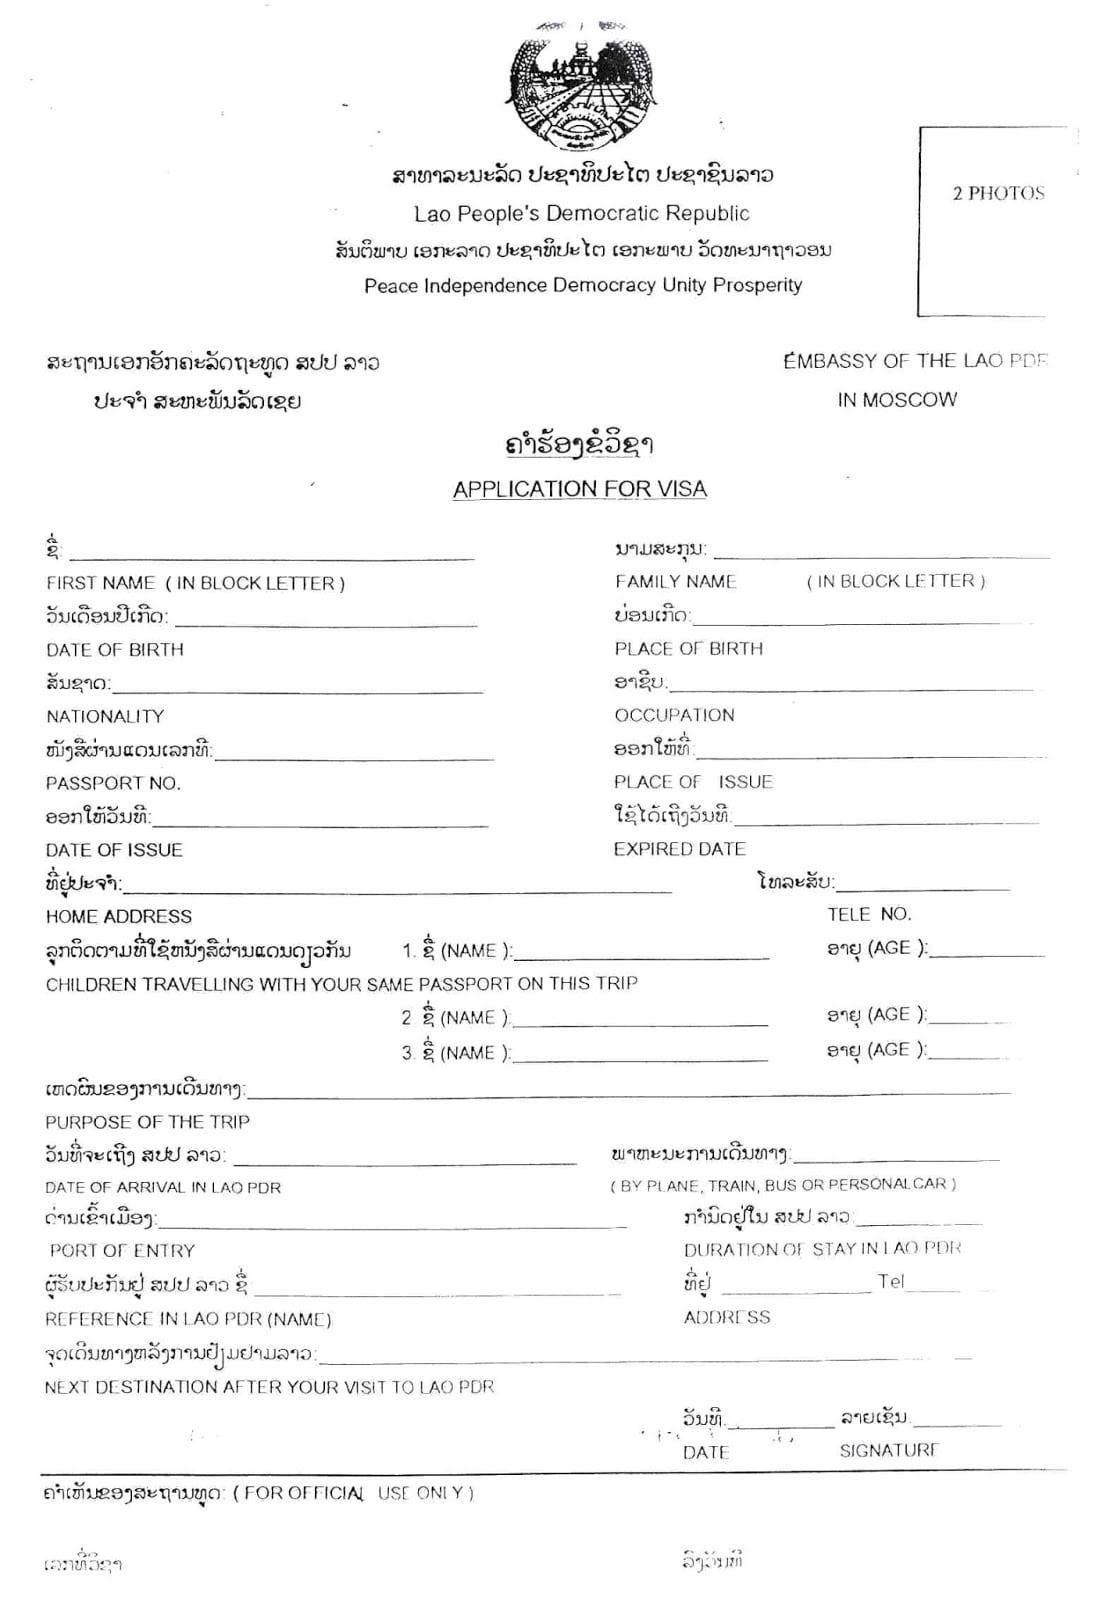 Образец анкеты на визу в Лаос